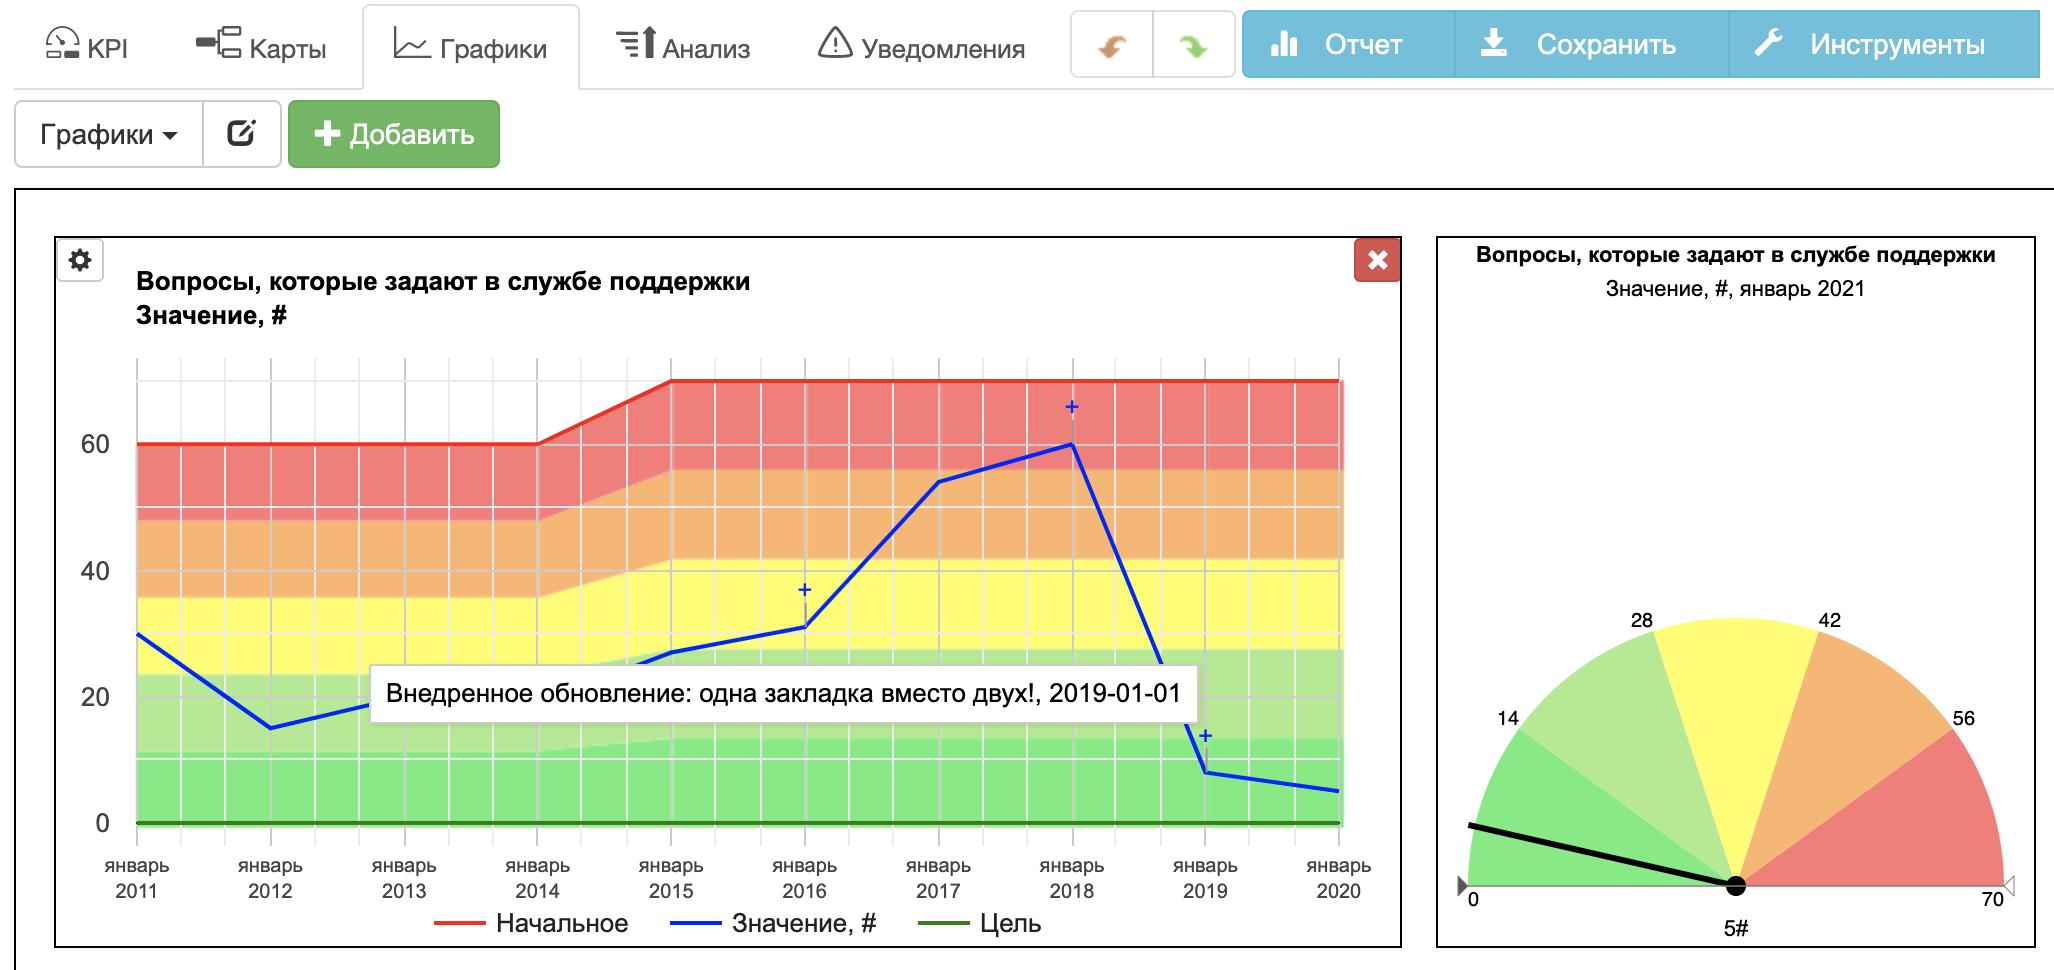 Пример показателей комплексности на информационной панели